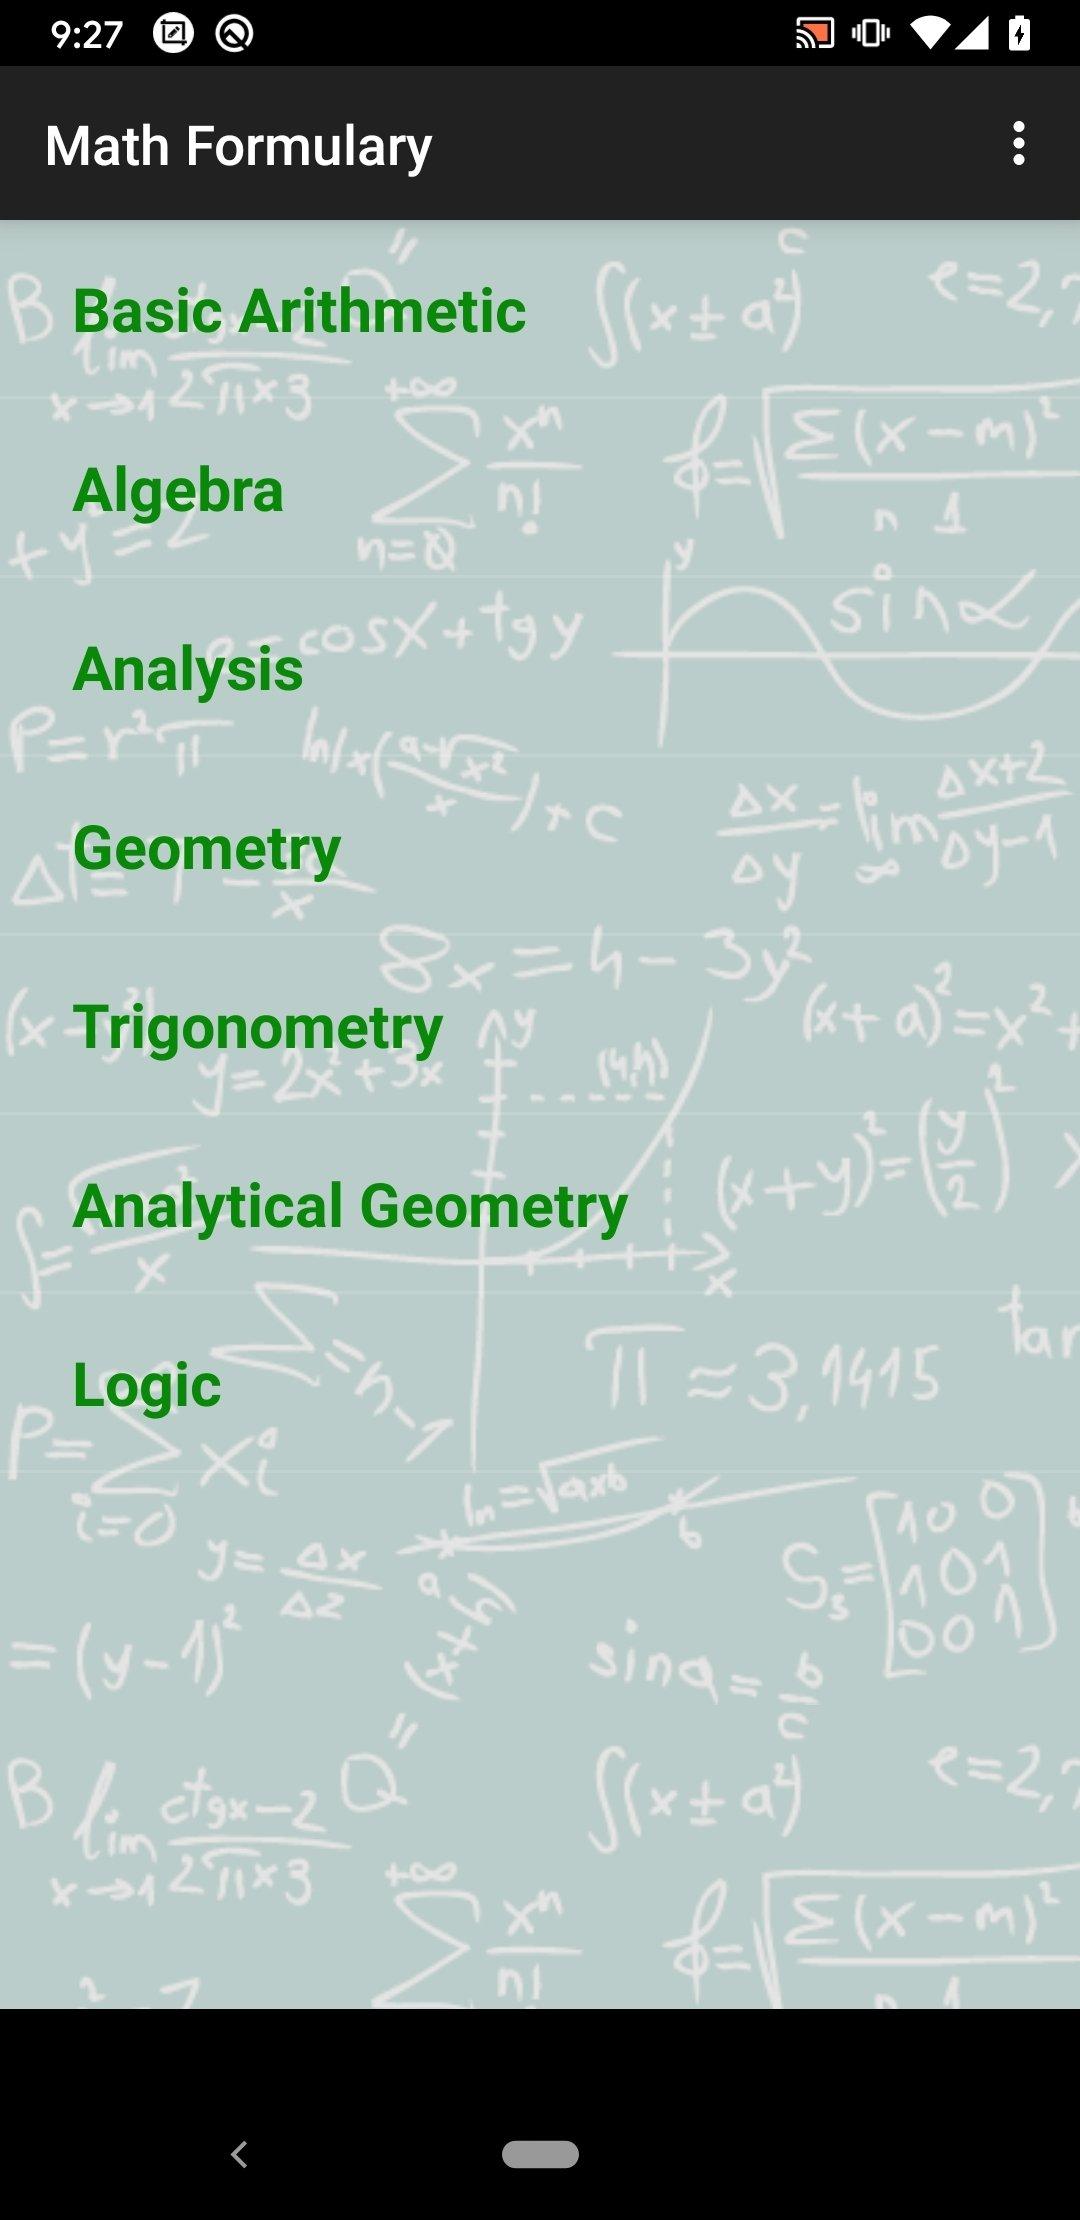 Formules mathématiques Android image 8